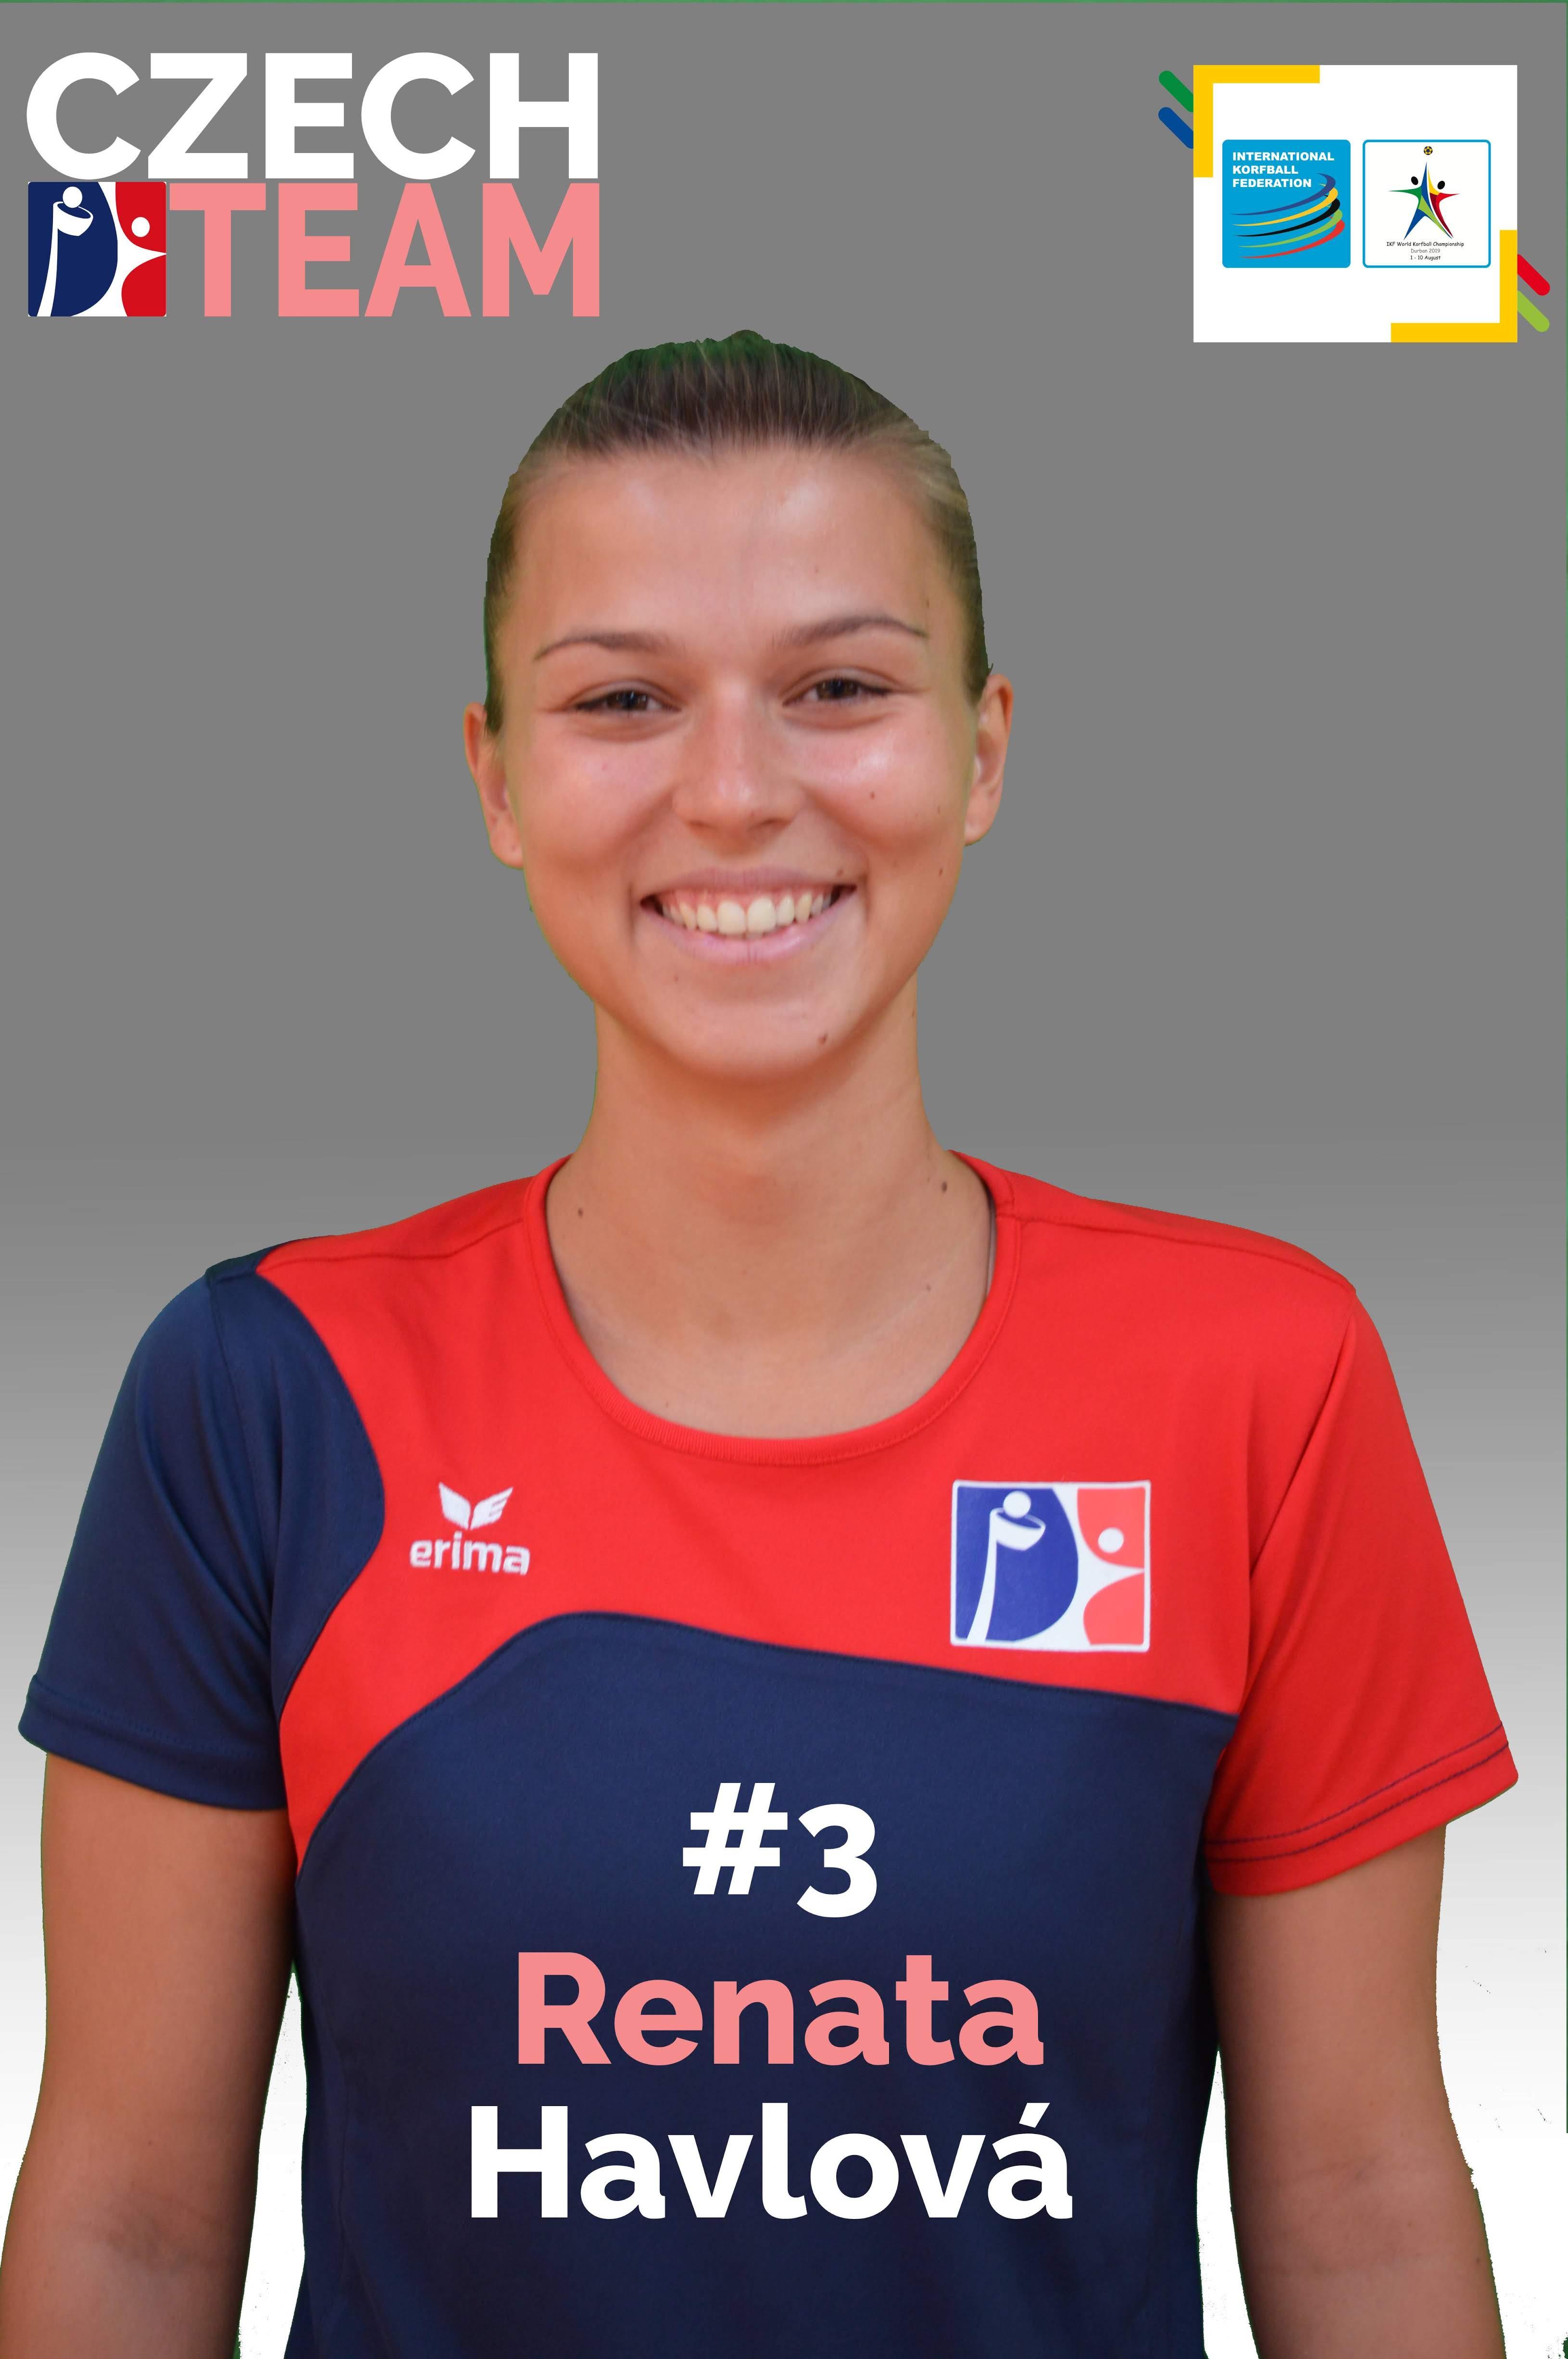 Renata Havlova